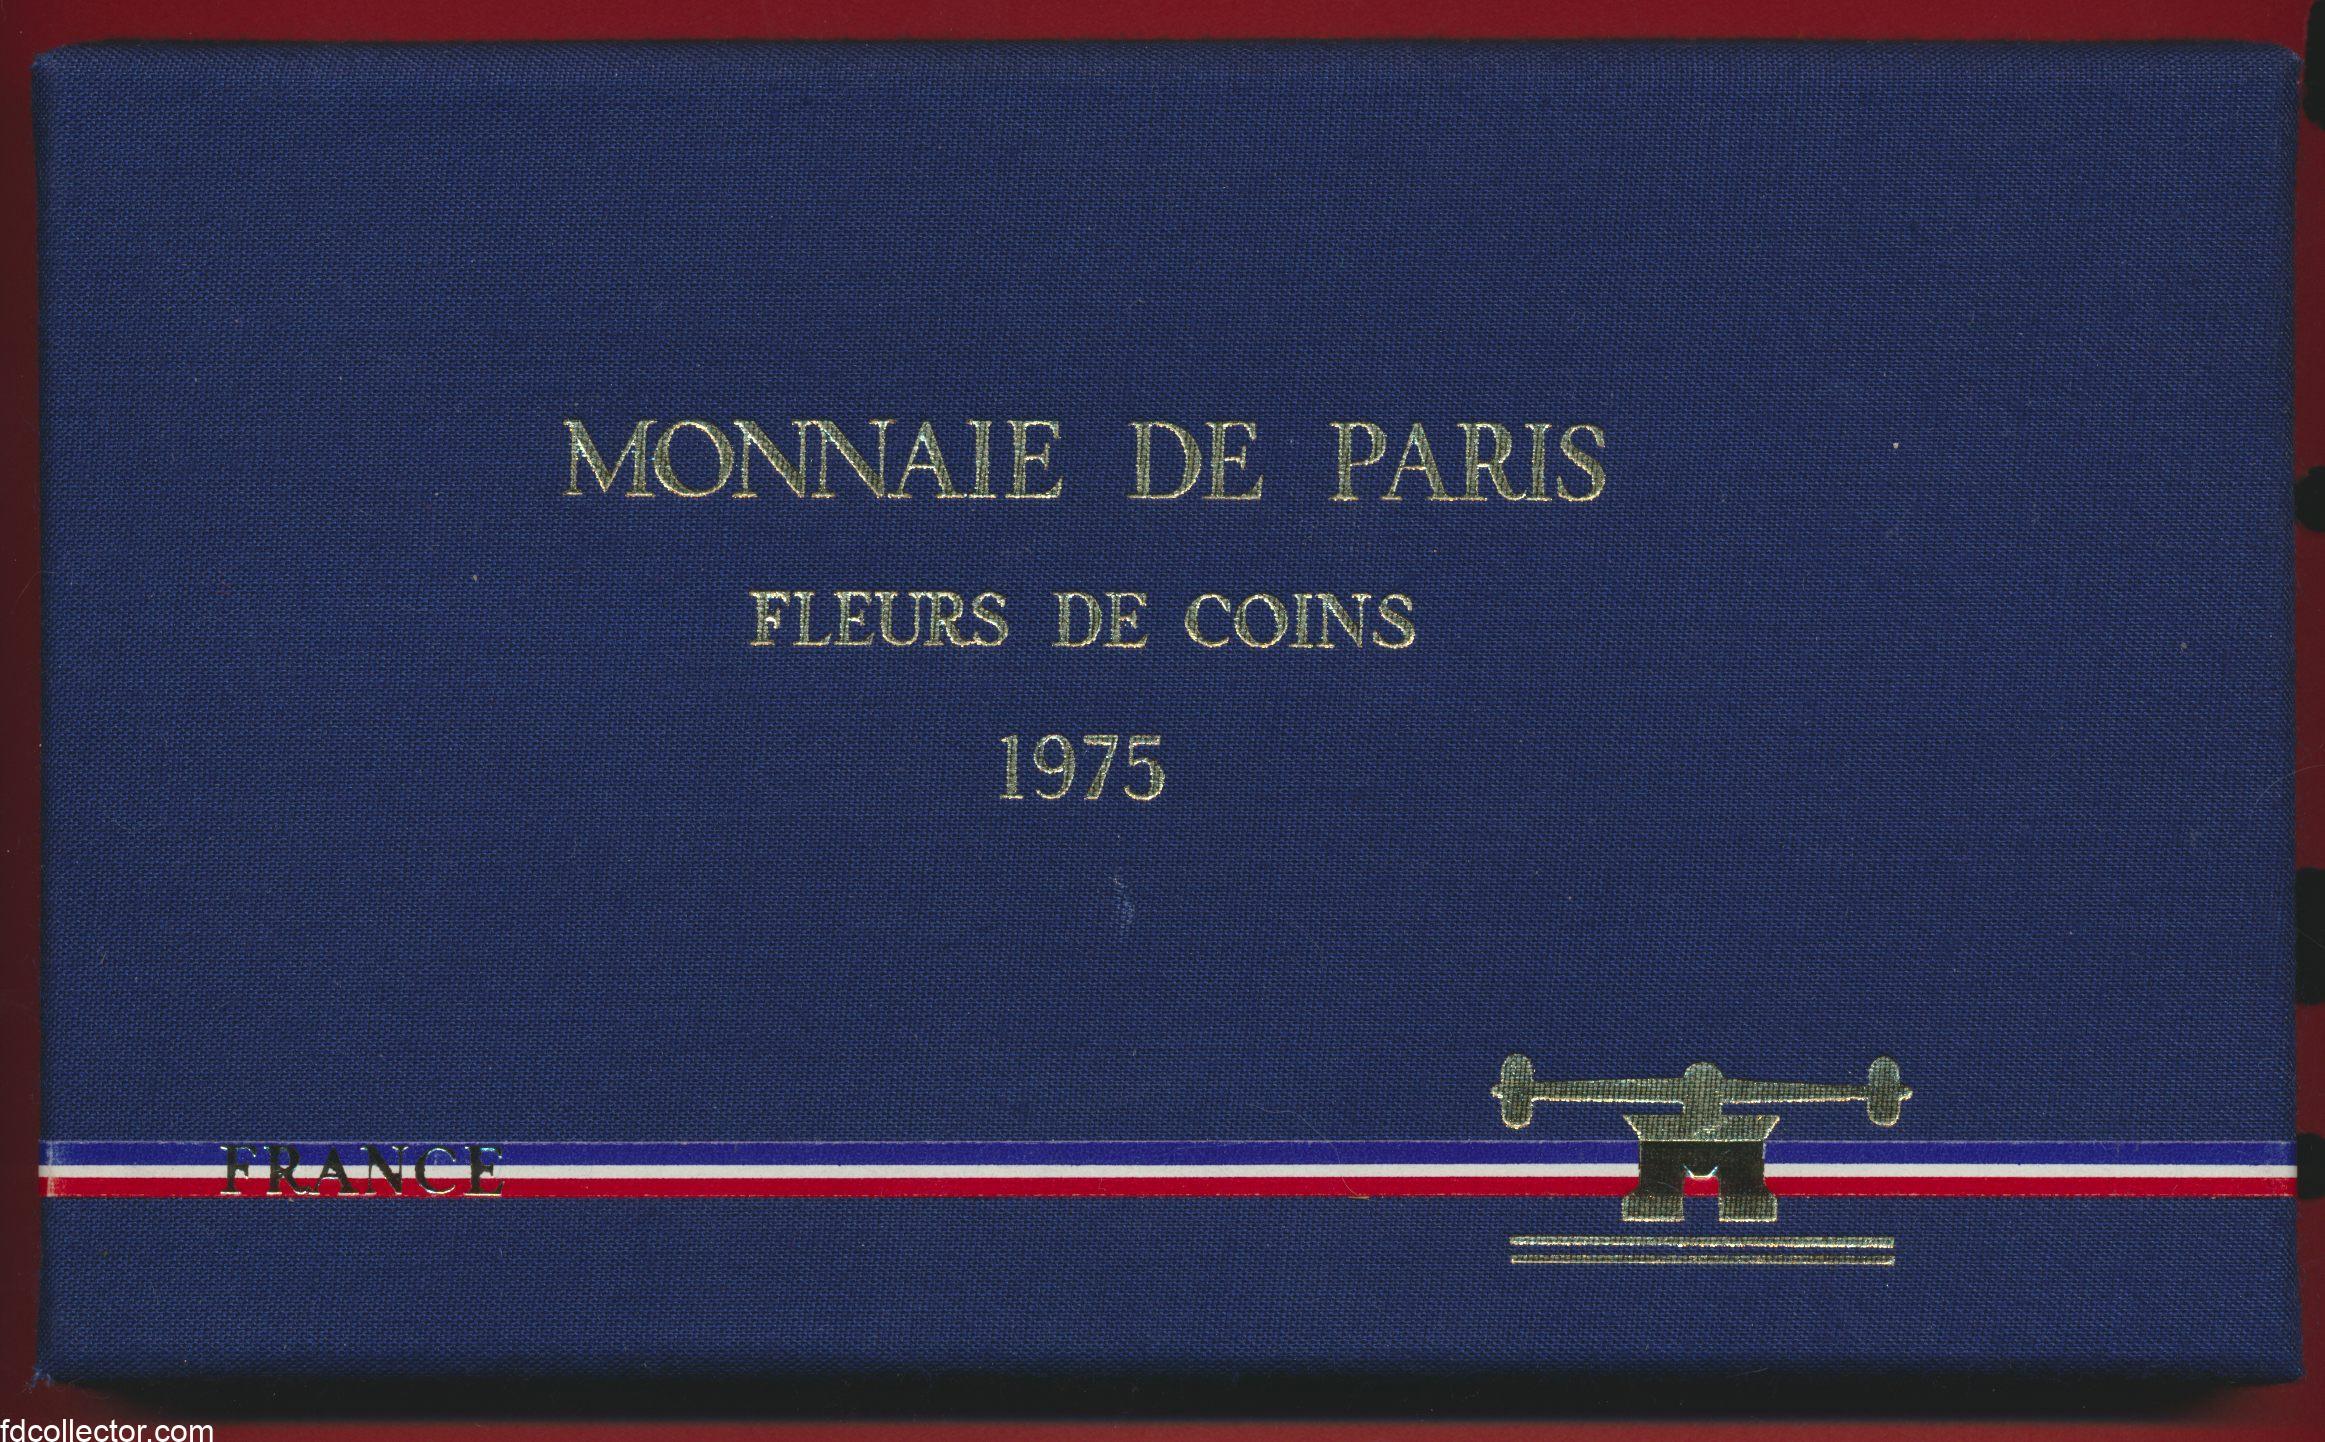 coffret-fleur-coin-1975-monnaie-paris-hercule-semeuse-boite